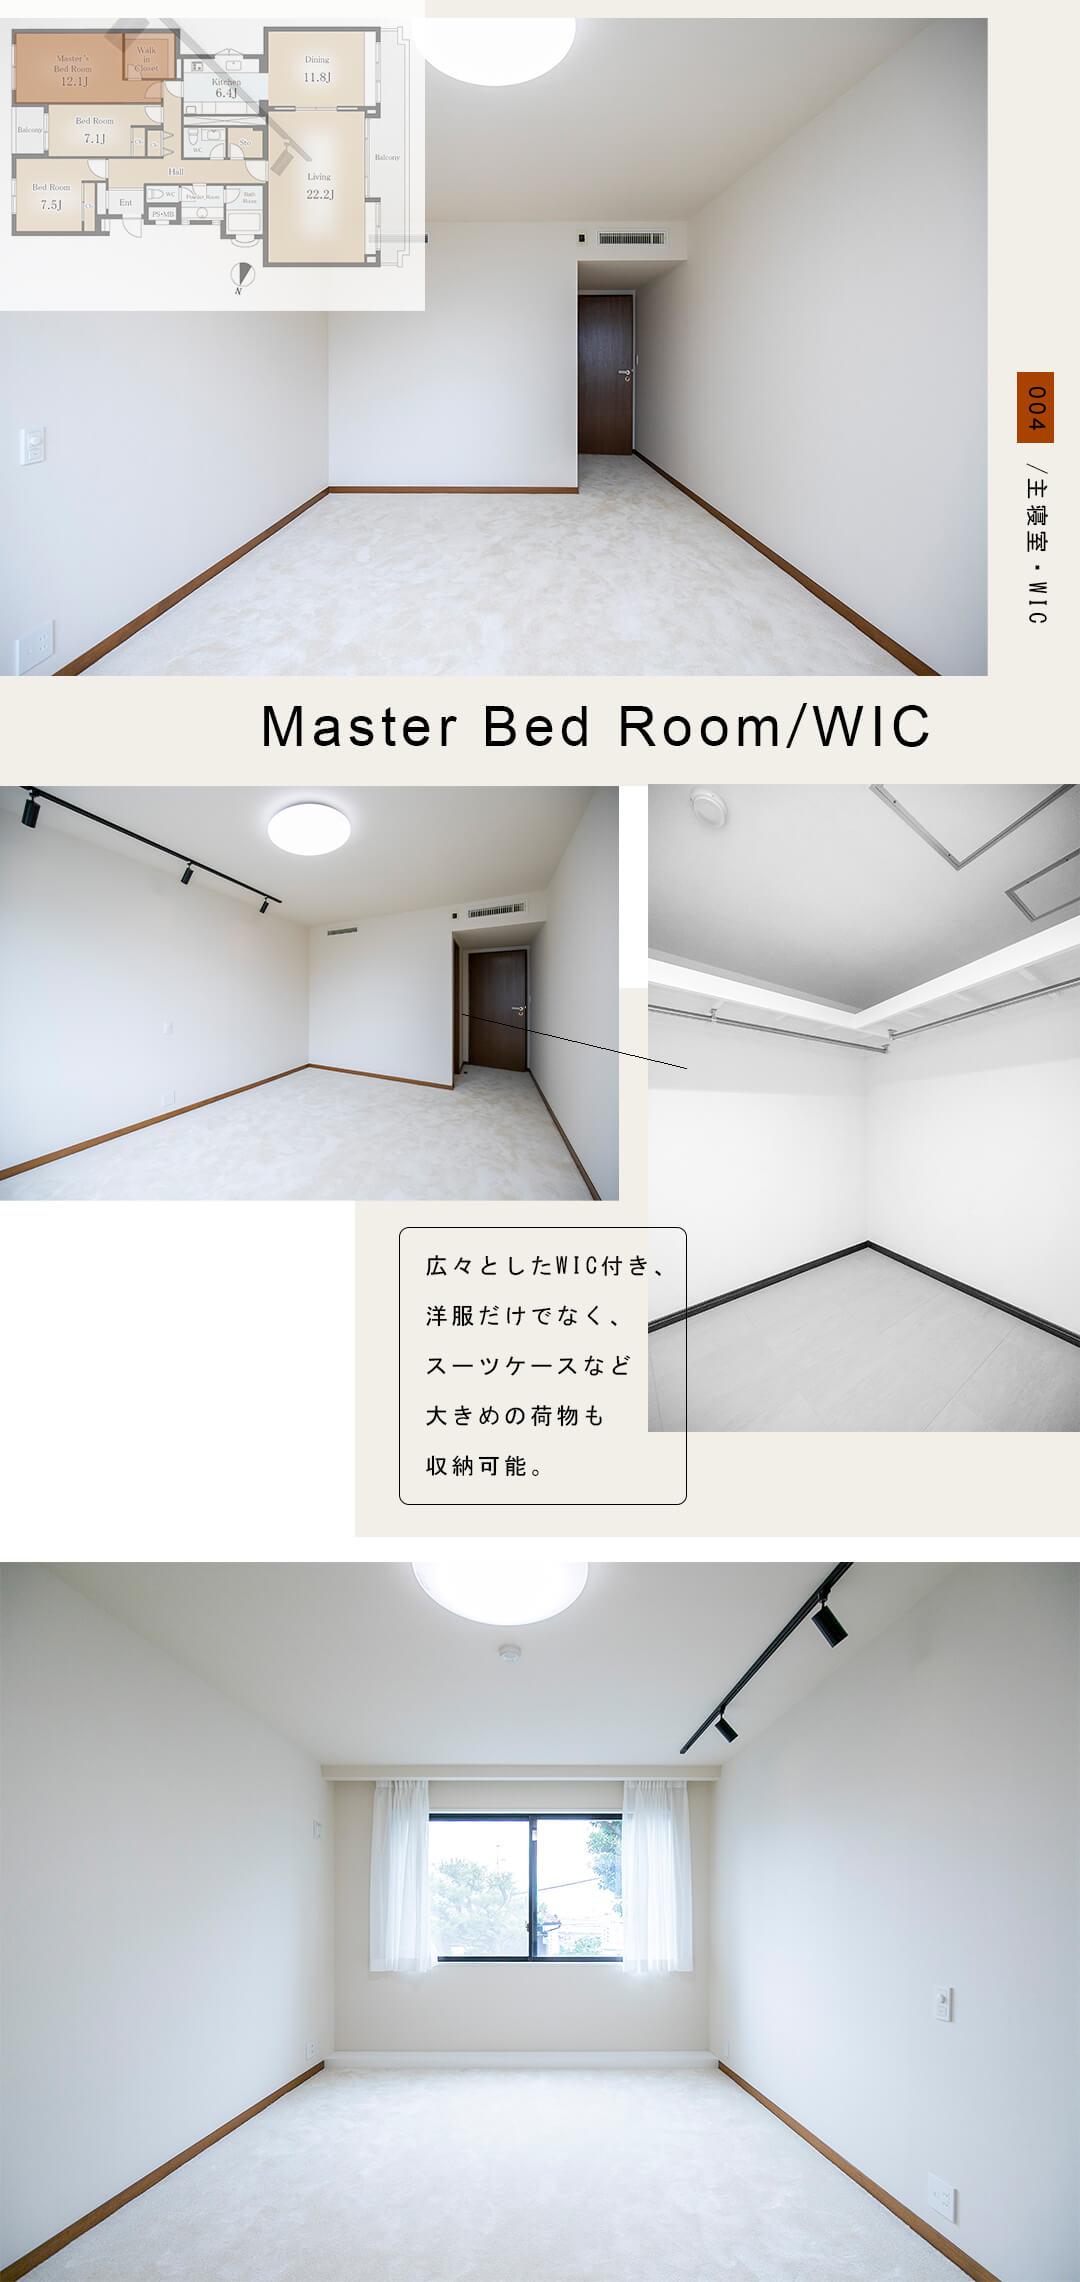 004主寝室,WIC,Master Bedroom